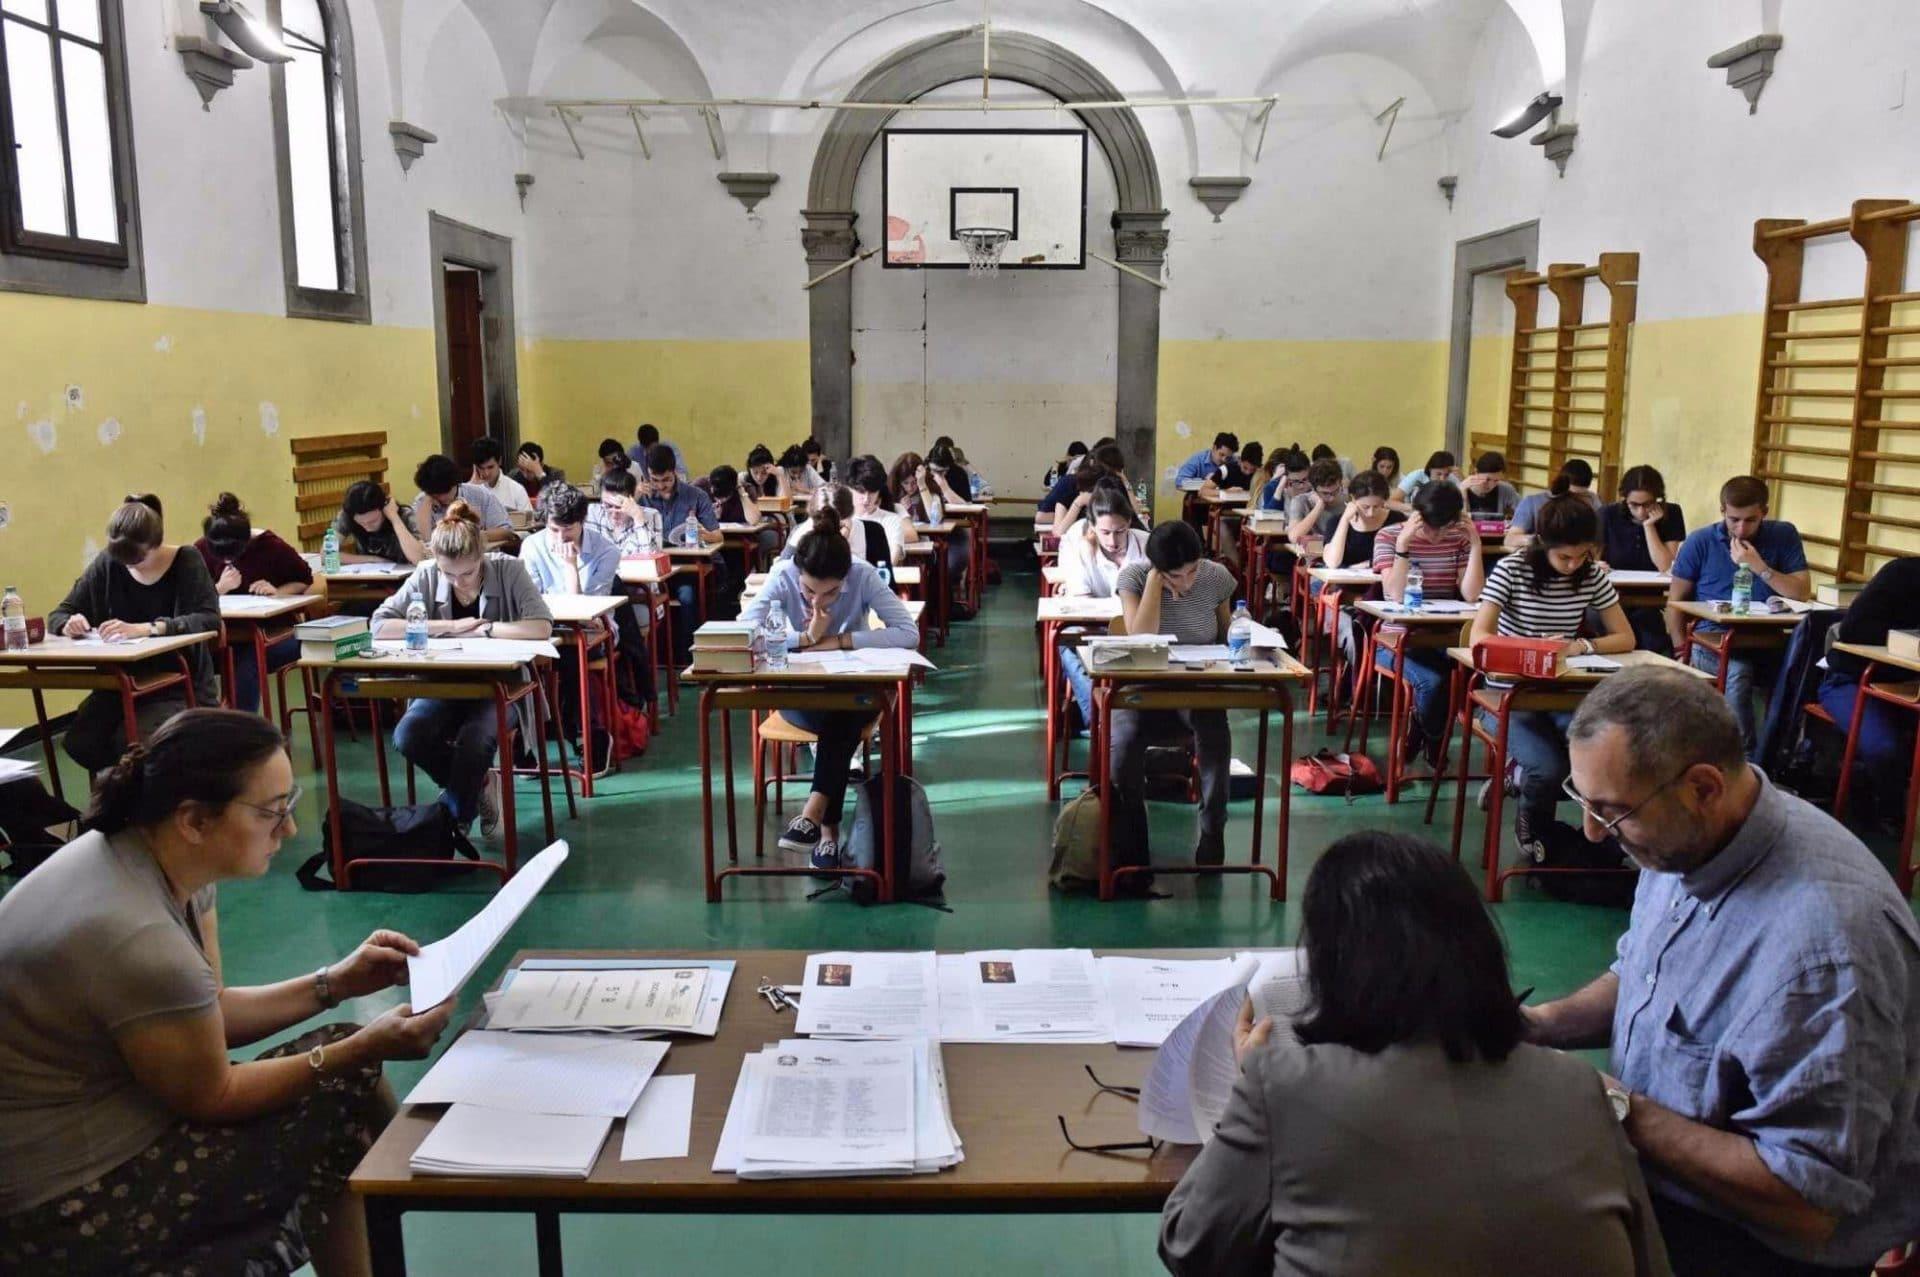 Coronavirus, il Ministro Azzolina pensa ad un cambio per gli esami di maturità - Leggilo.org